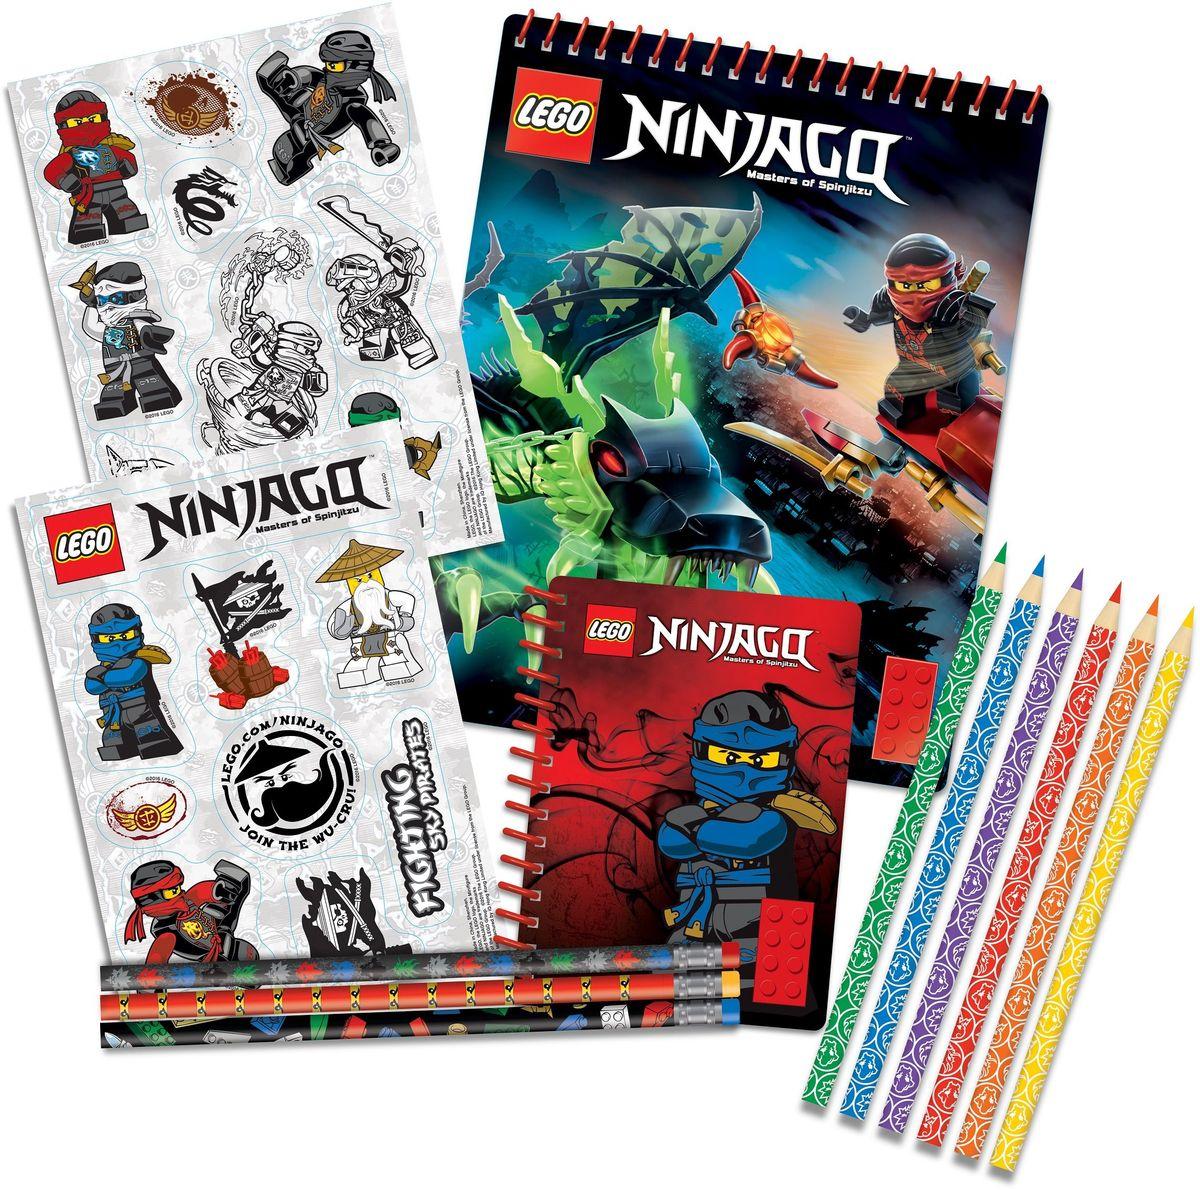 LEGO Ninjago Канцелярский набор 13 предметов 51631PP-301Канцелярский набор LEGO Ninjago станет замечательным подарком для любого школьника, увлекающегося конструкторами LEGO.Набор включает в себя три простых карандаша с ластиками, 6 цветных карандашей, блокнот на спирали (100 листов), альбом для рисования на спирали (60 листов) и два листа с наклейками.Набор канцелярских принадлежностей - стильные и незаменимые аксессуары на каждый день!